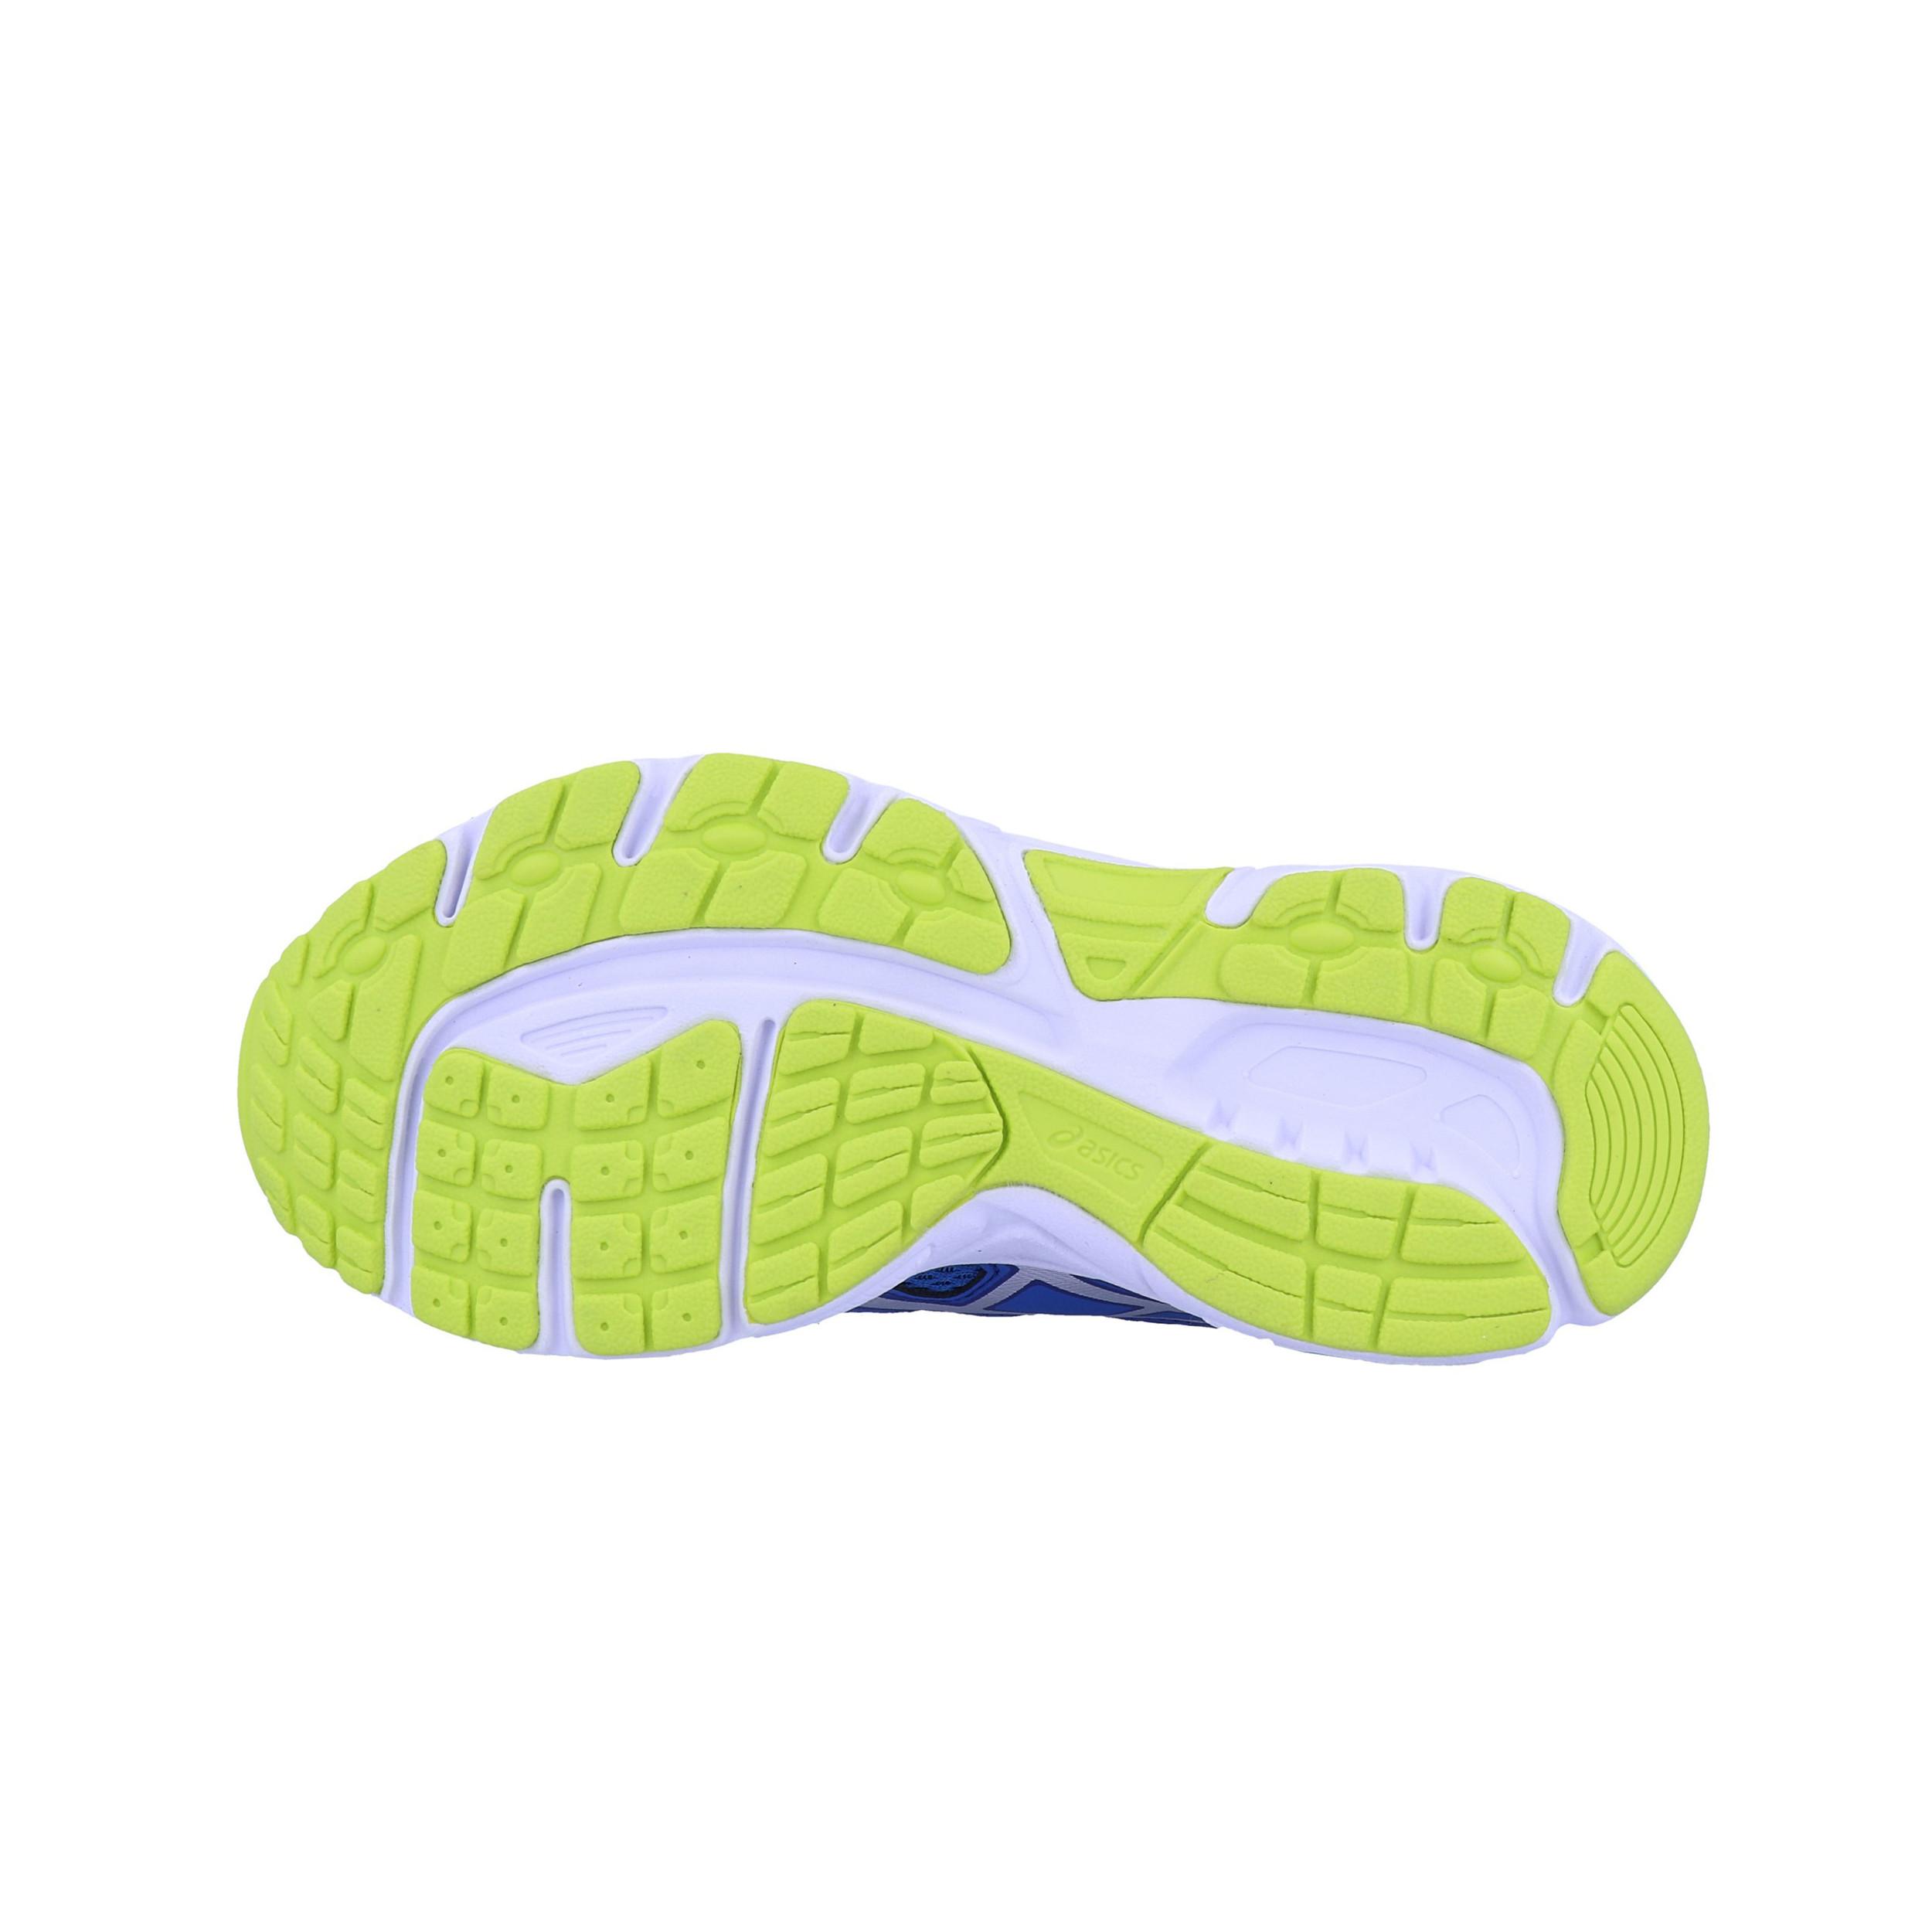 Détails sur ASICS JUNIOR GEL Ikaia 6 GS Chaussures De Course Baskets Bleu Sport Respirant afficher le titre d'origine